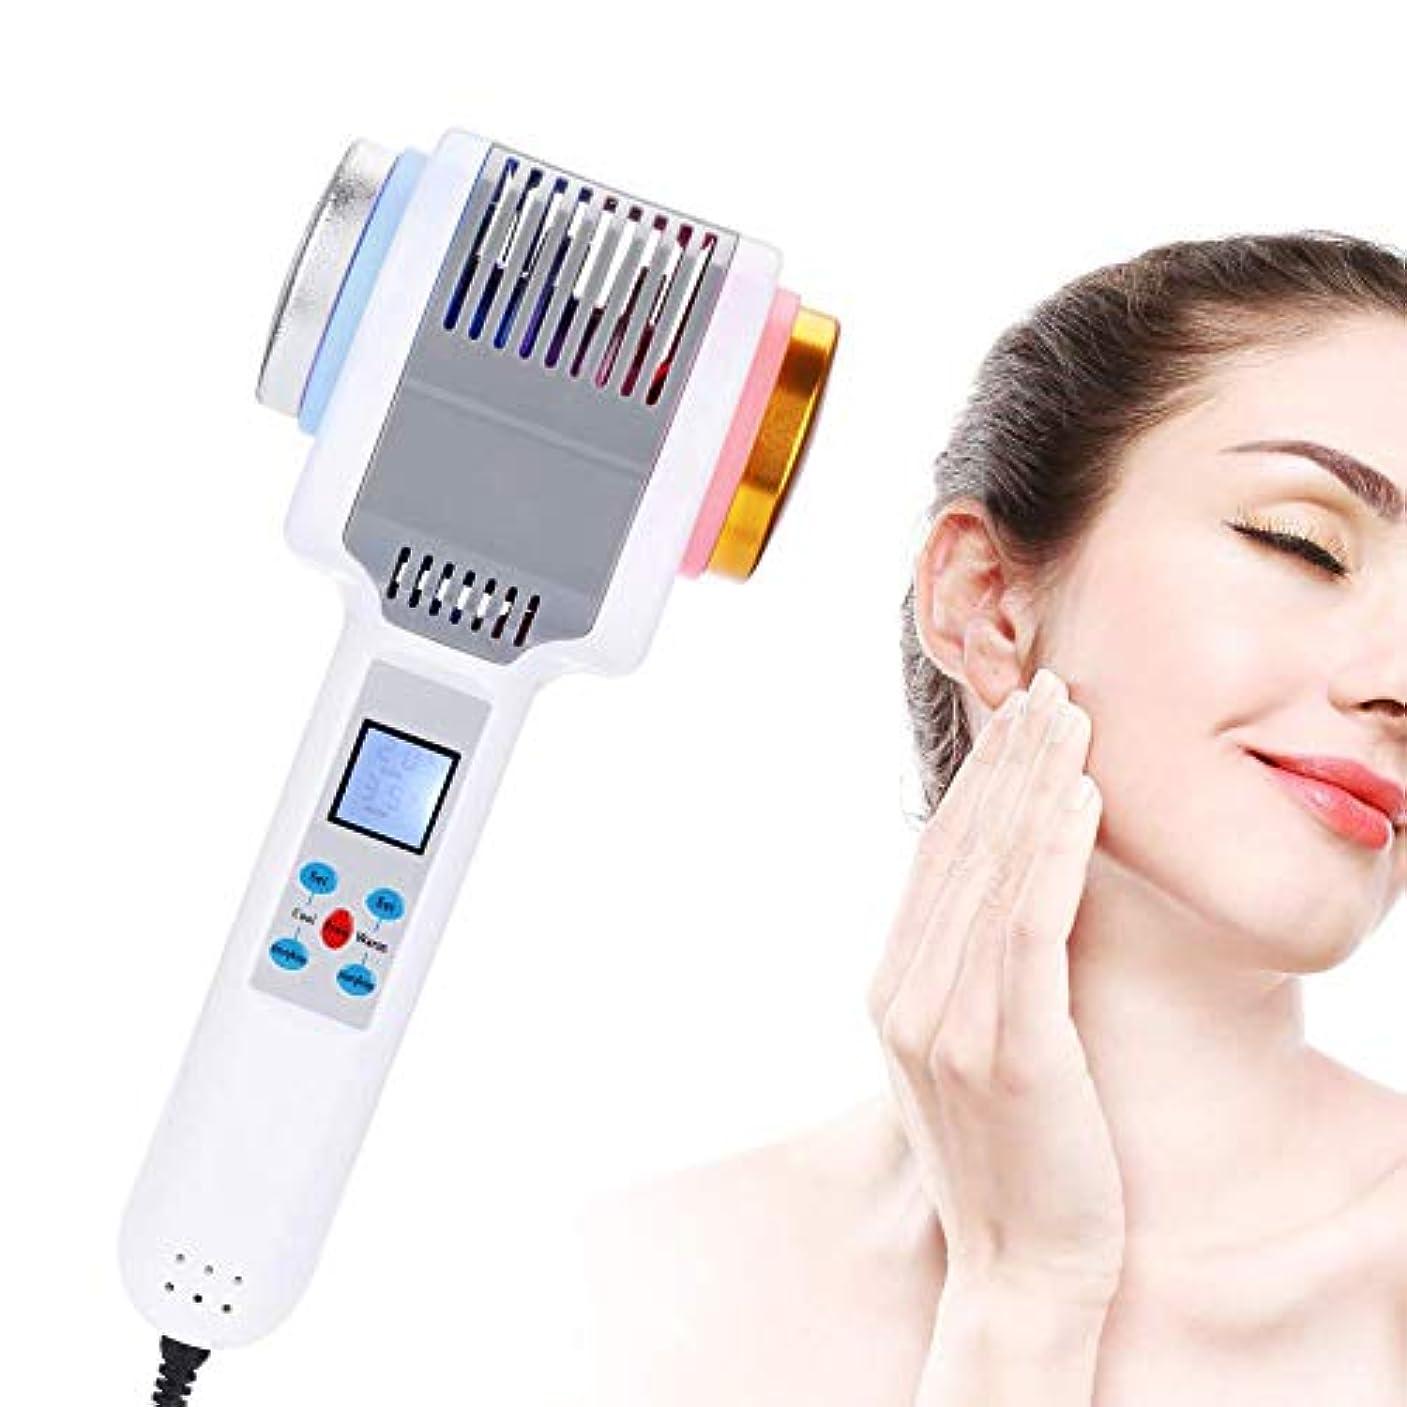 充電提供抑圧者光子療法機ホット&コールドハンマーアイスファイアダブルヘッド振動マッサージ美容機器削除しわ明るい顔の引き締め美容若返りツール